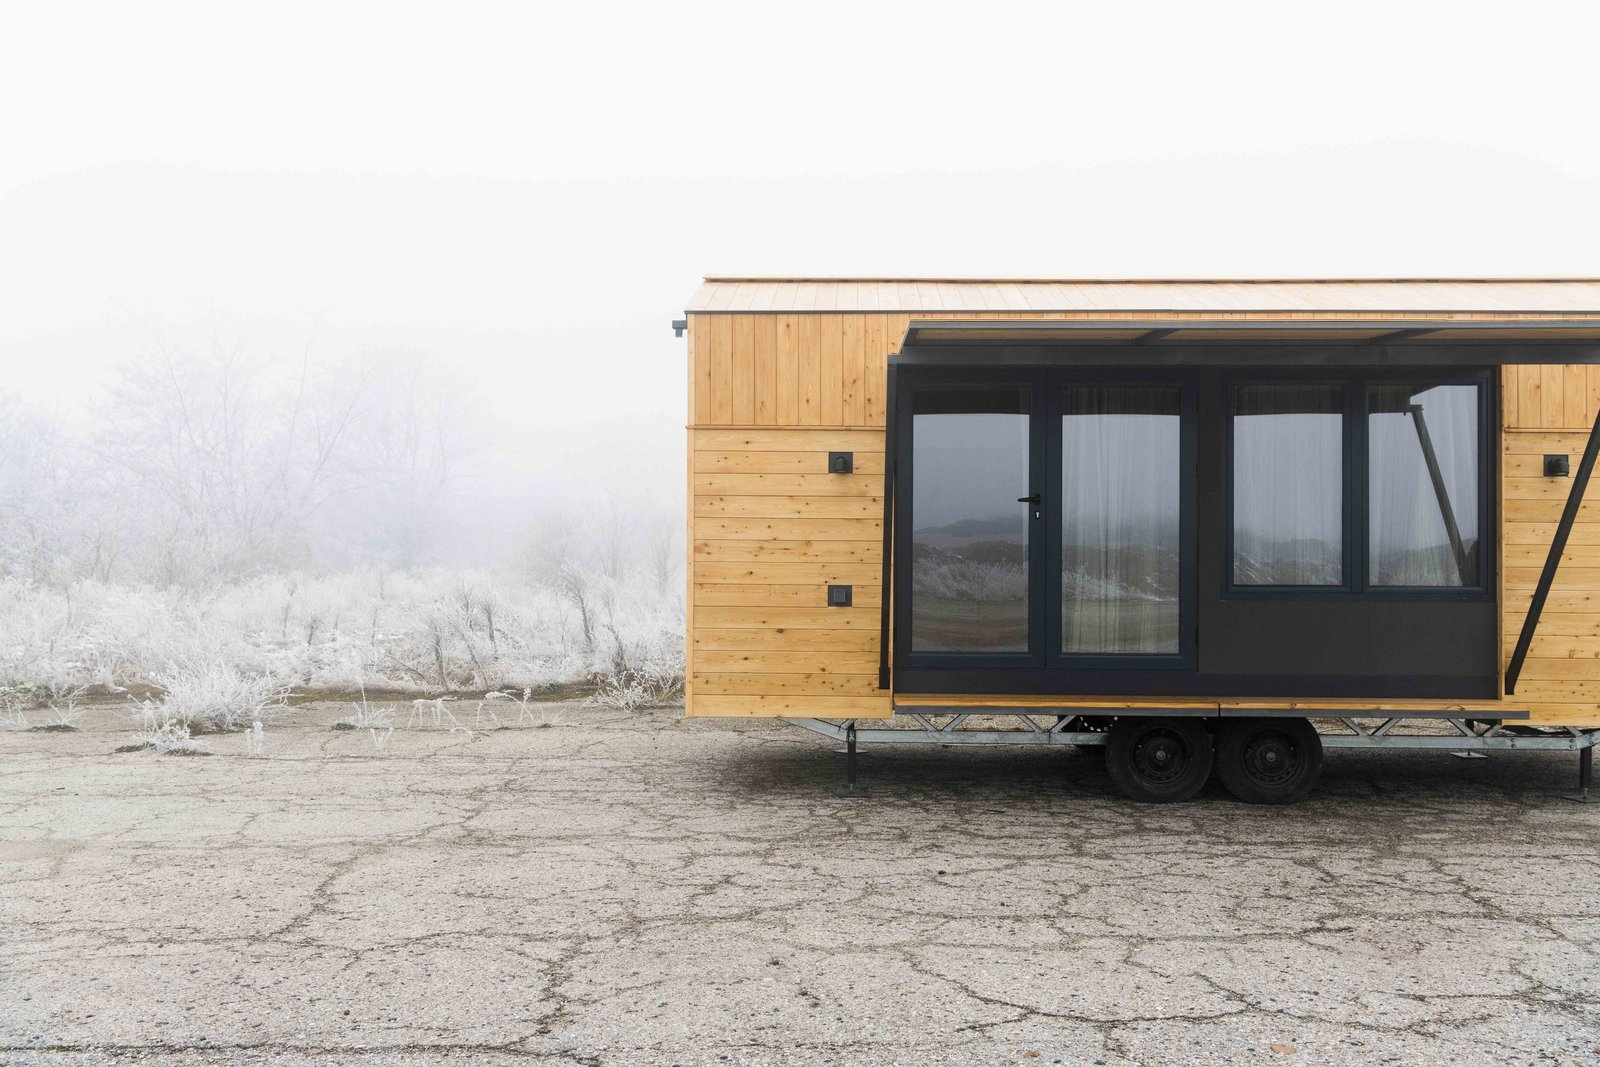 Outdoor Aluminium glazed doors swings open  KOLELIBA Family Tiny House